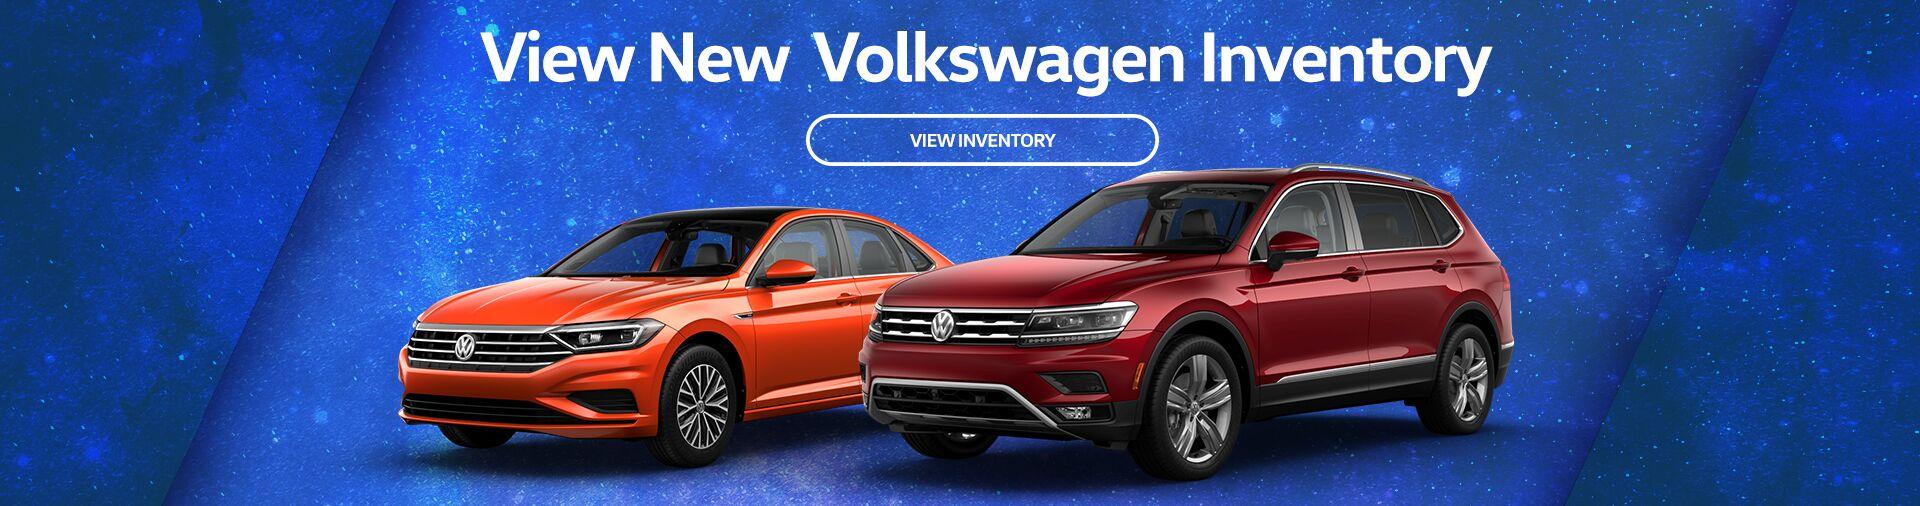 mazda volkswagen dealership middletown ny used cars compass motors. Black Bedroom Furniture Sets. Home Design Ideas